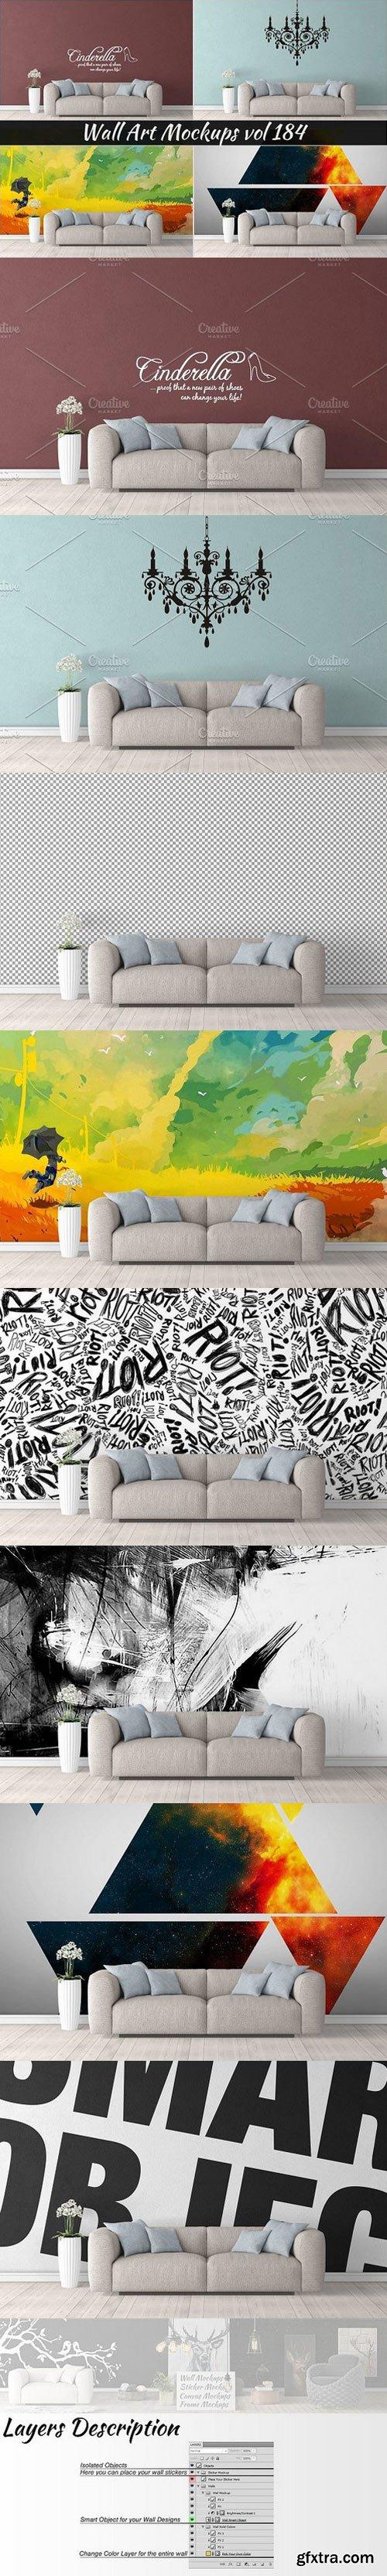 CM - Wall Mockup - Sticker Mockup Vol 184 1117150